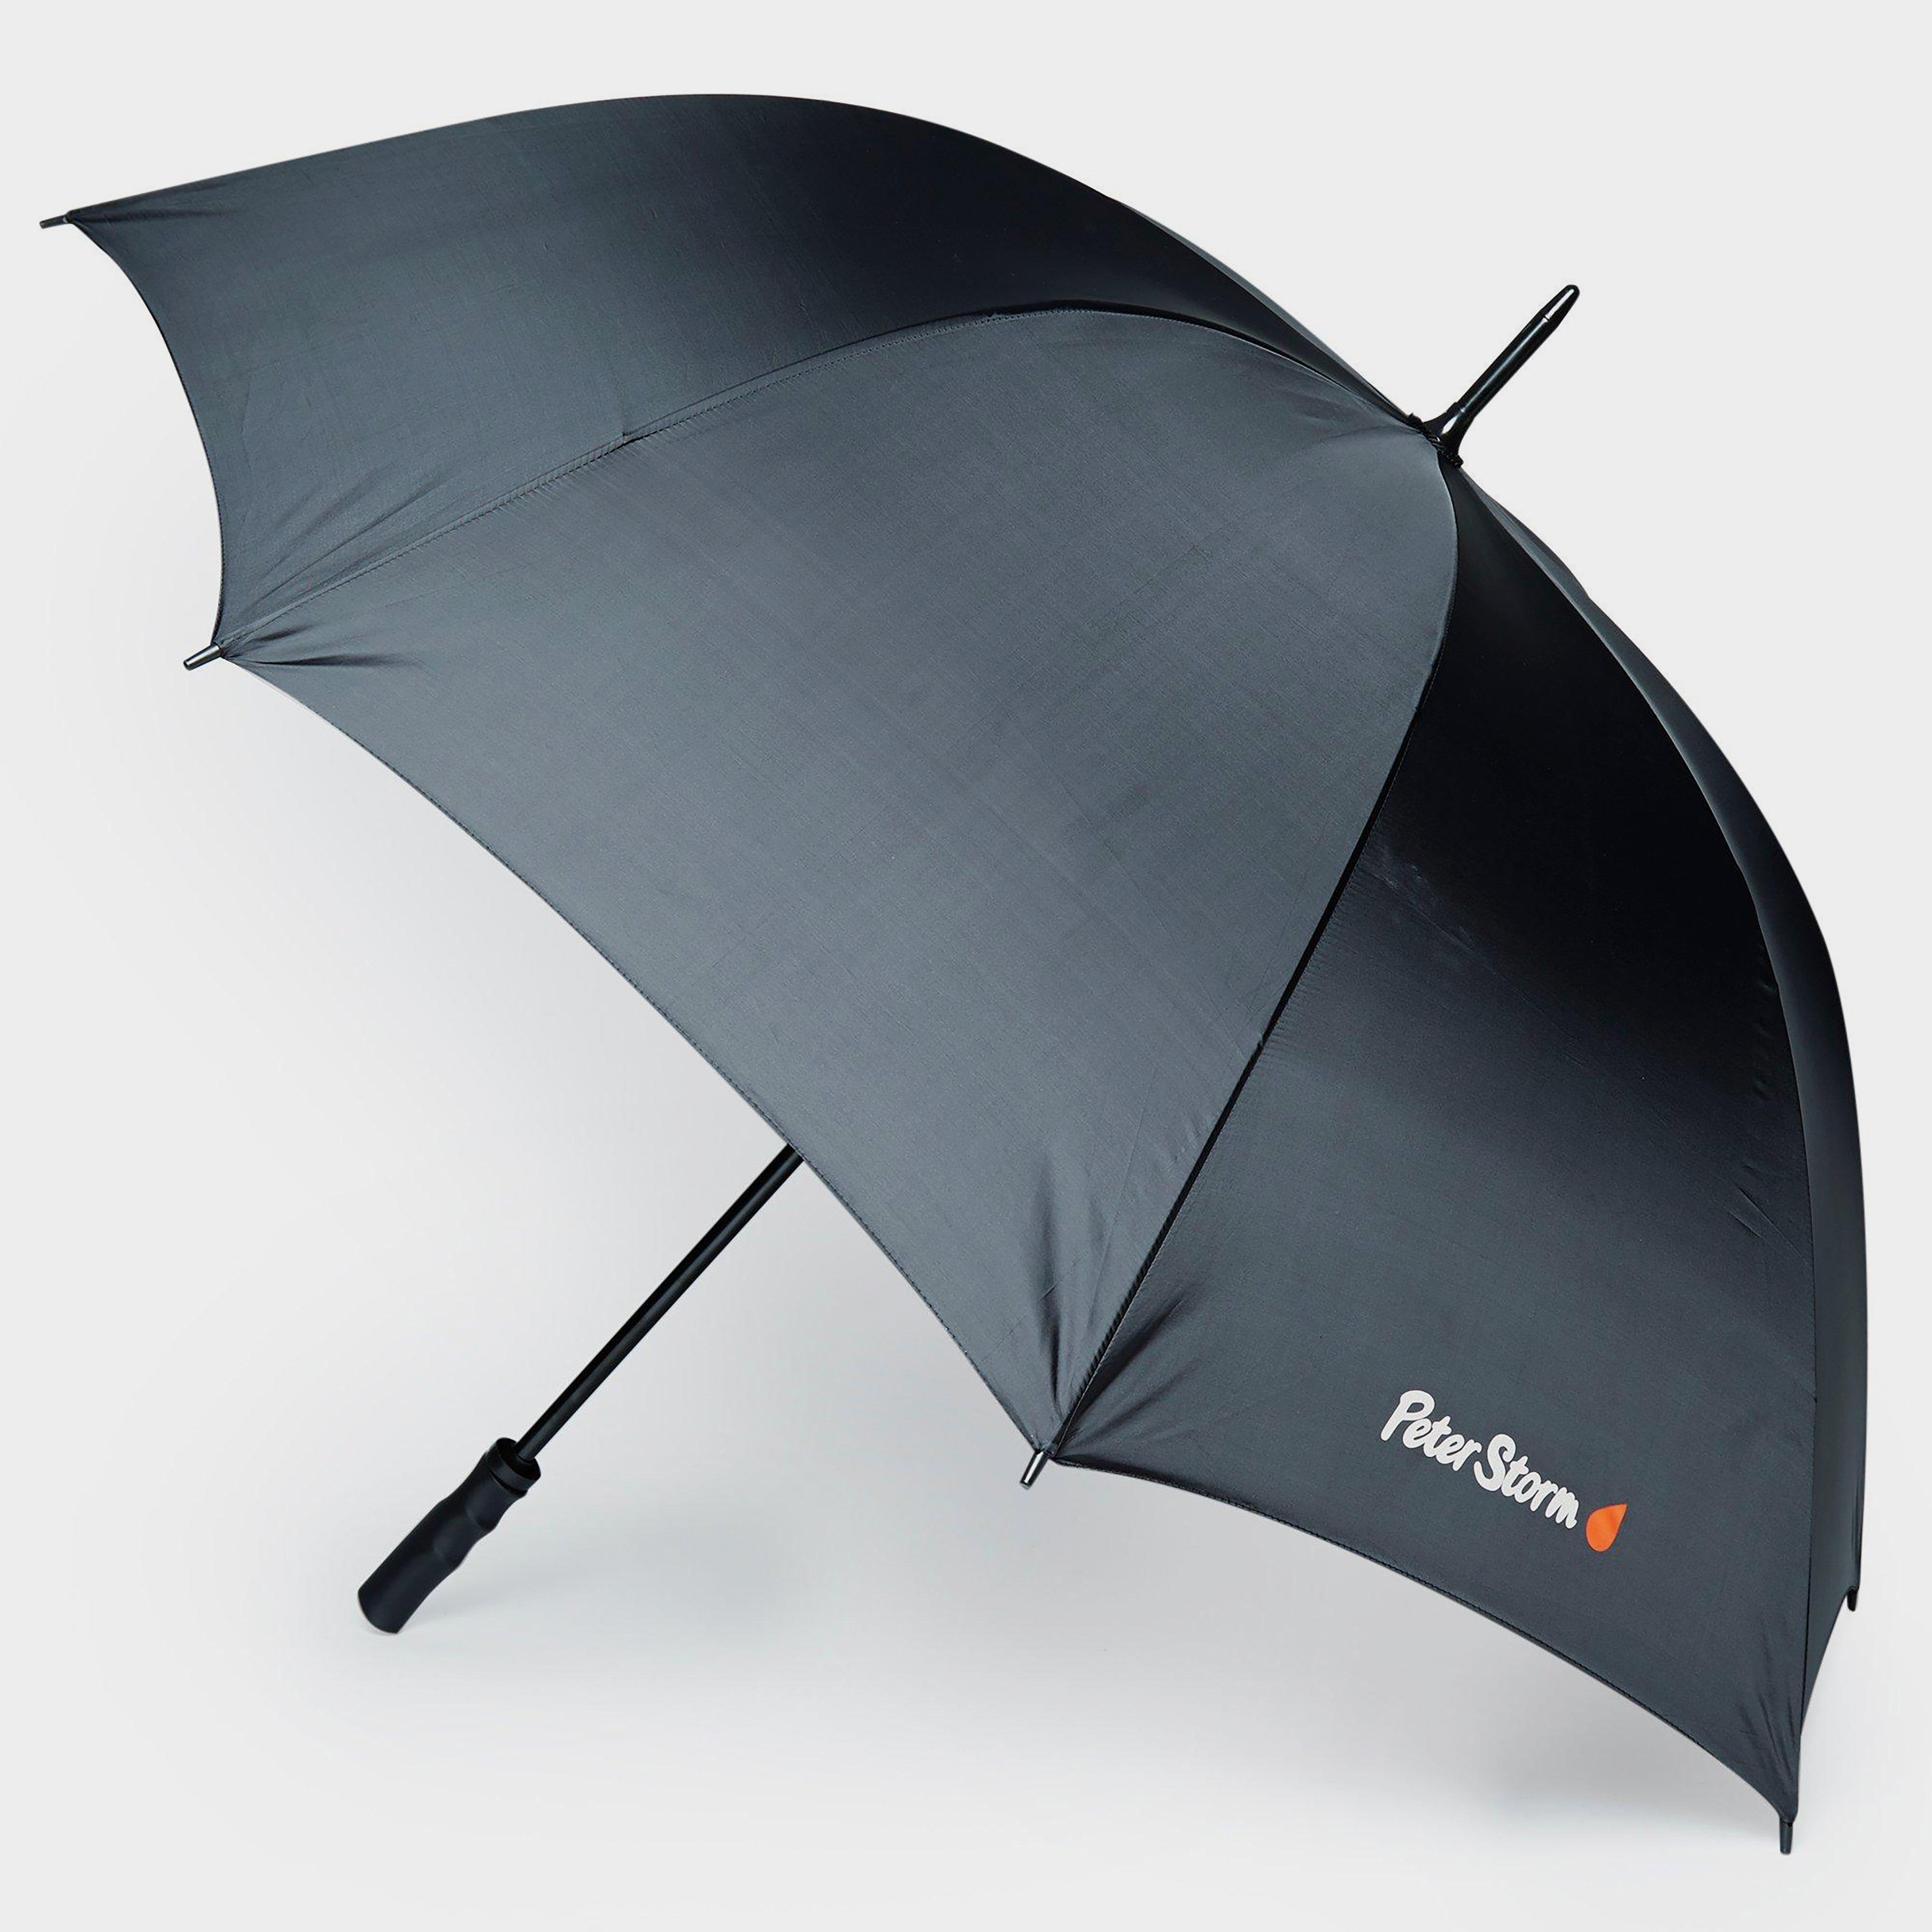 Image of Peter Storm Golf Umbrella - Black/Blk, Black/BLK